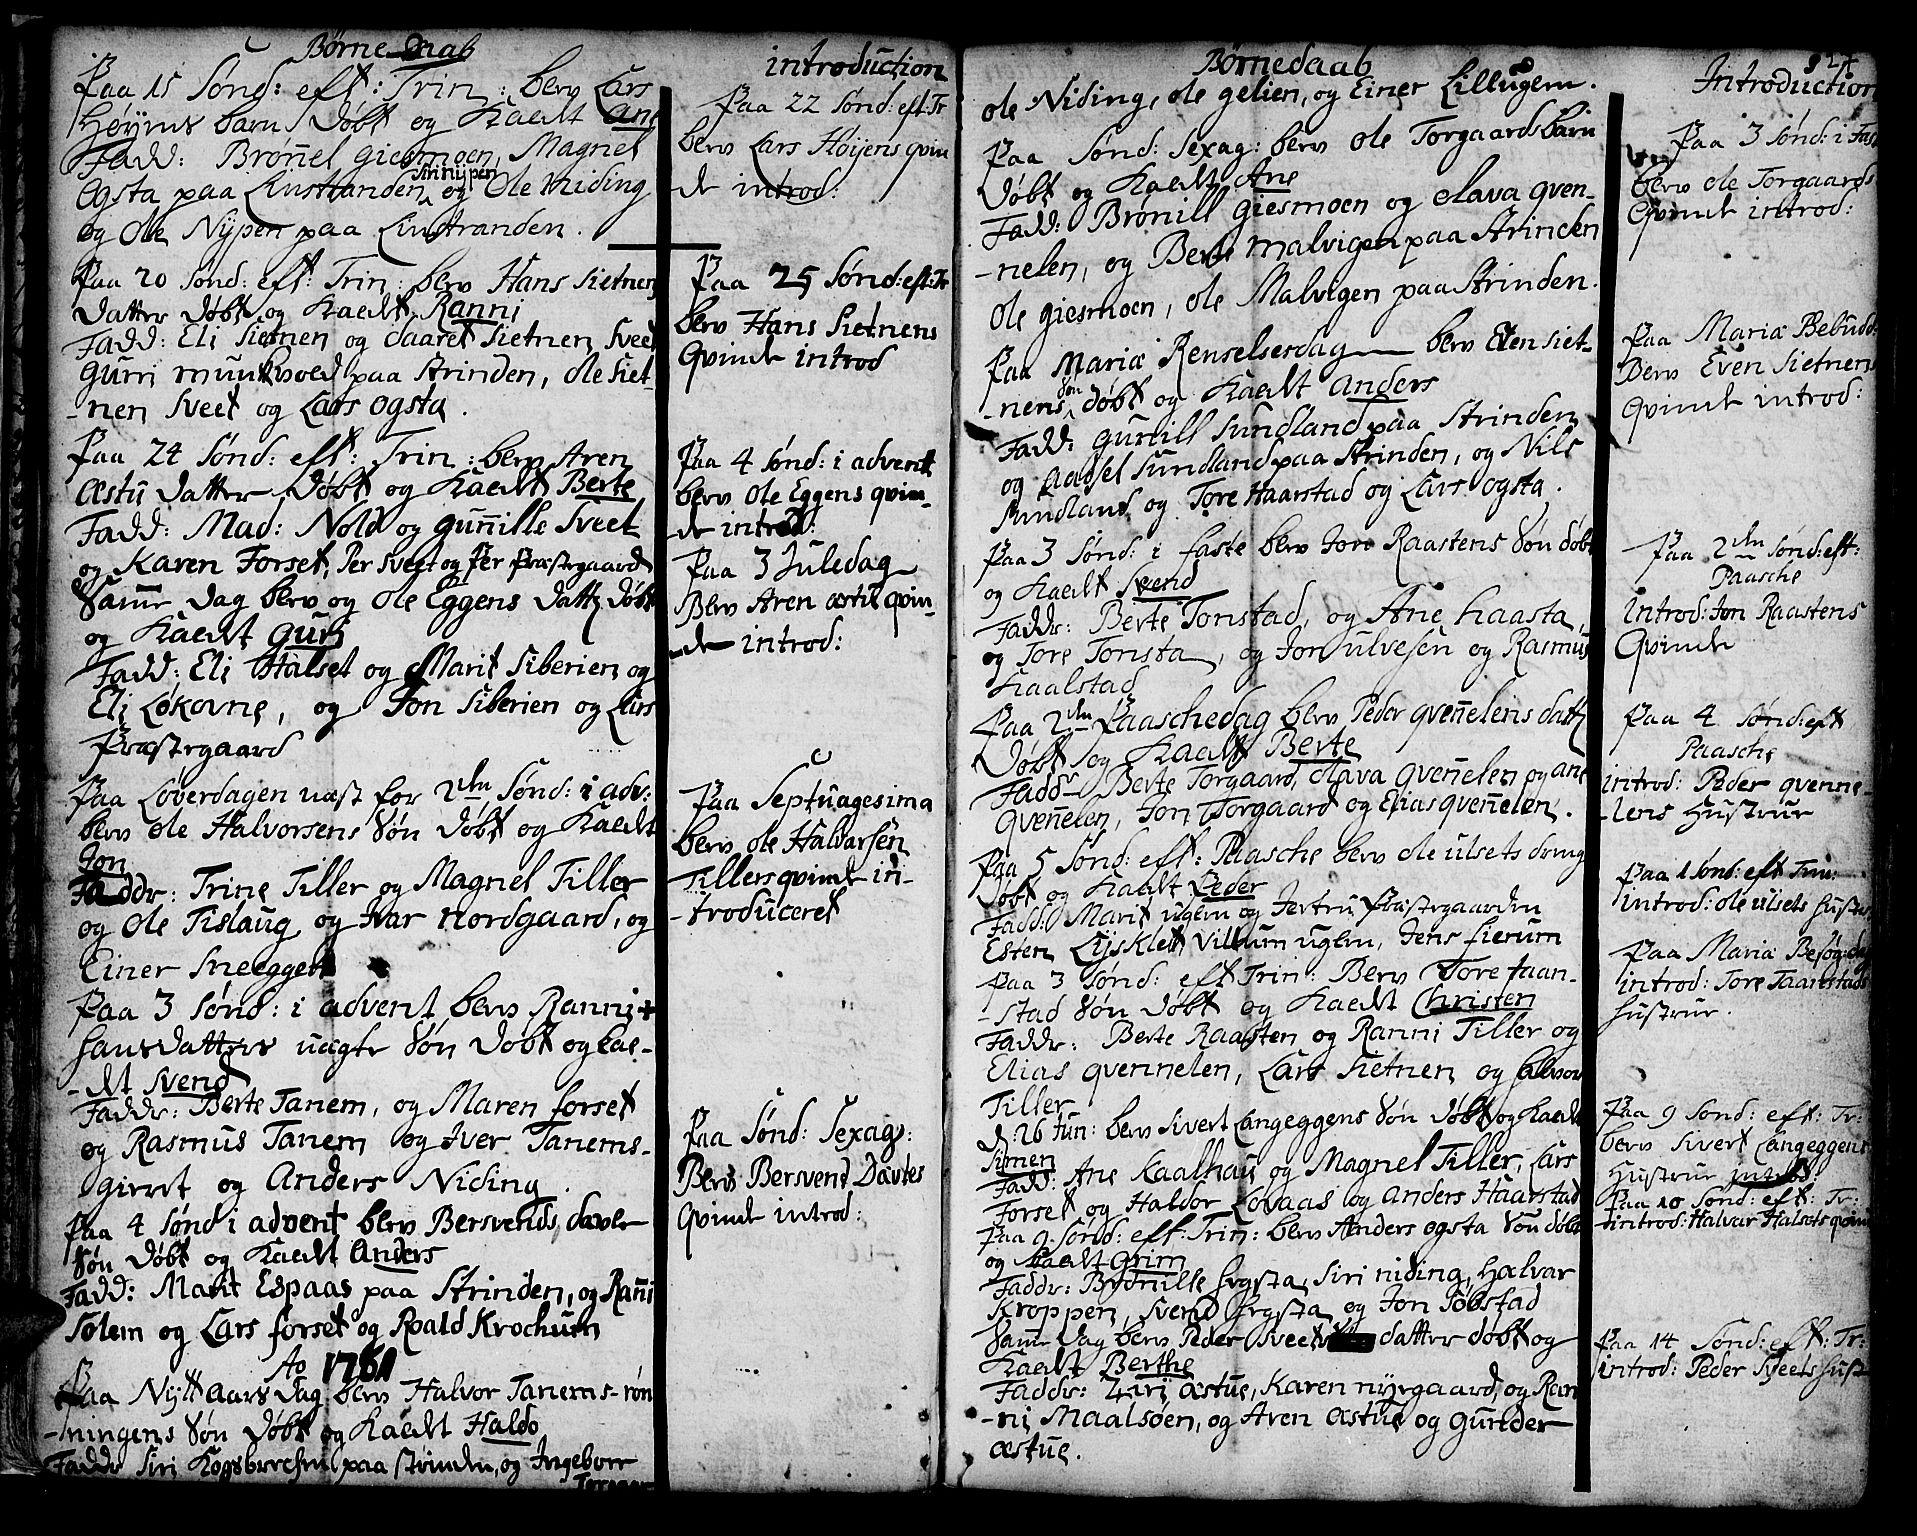 SAT, Ministerialprotokoller, klokkerbøker og fødselsregistre - Sør-Trøndelag, 618/L0437: Ministerialbok nr. 618A02, 1749-1782, s. 27